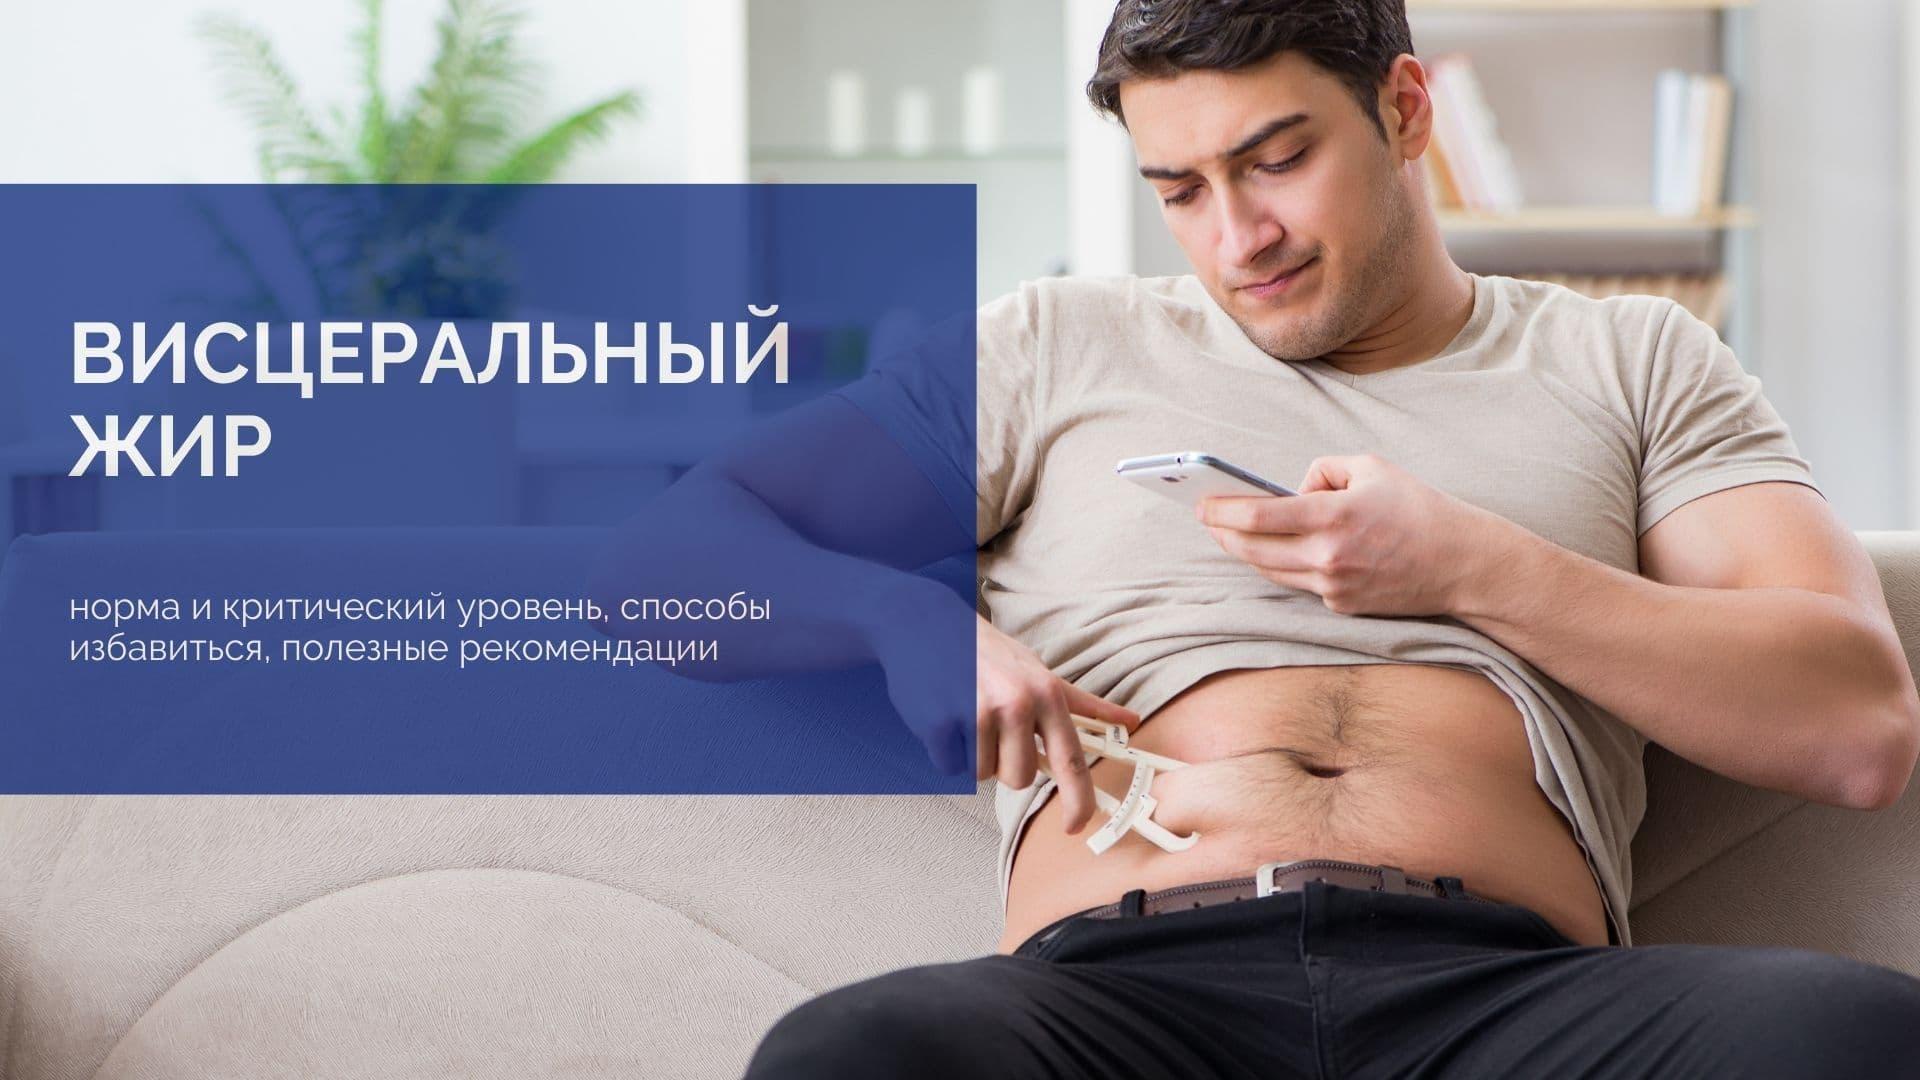 Висцеральный жир: норма и критический уровень, способы избавиться, полезные рекомендации